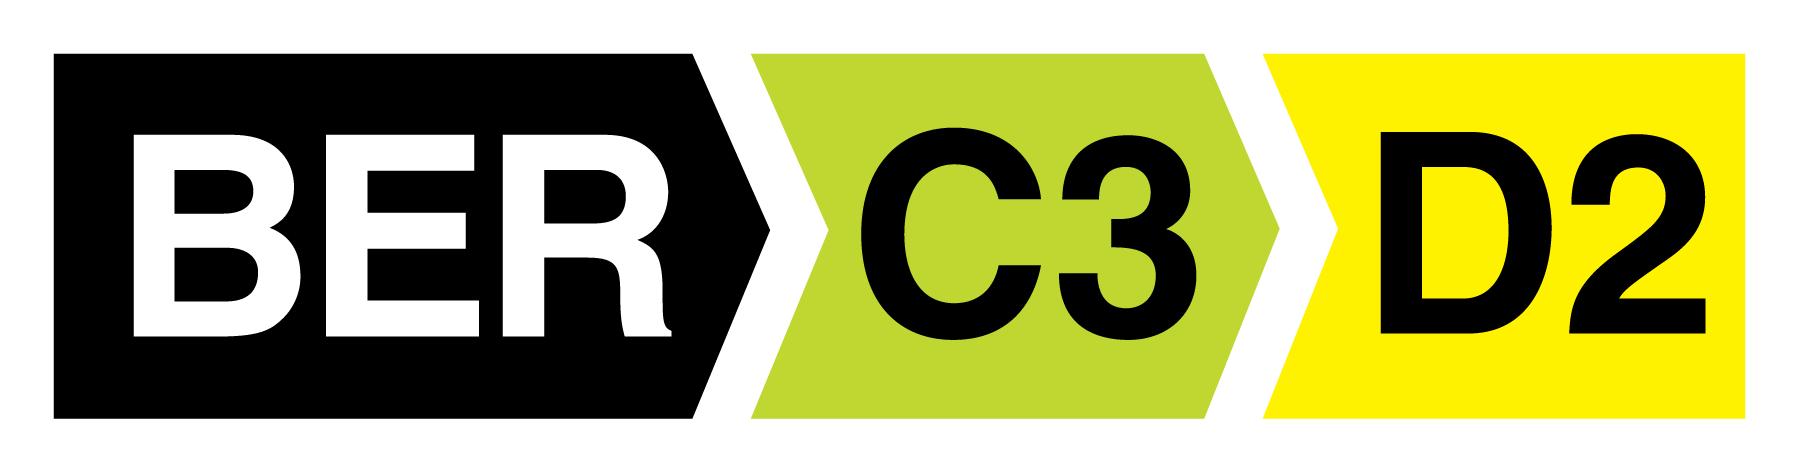 C3 > D2